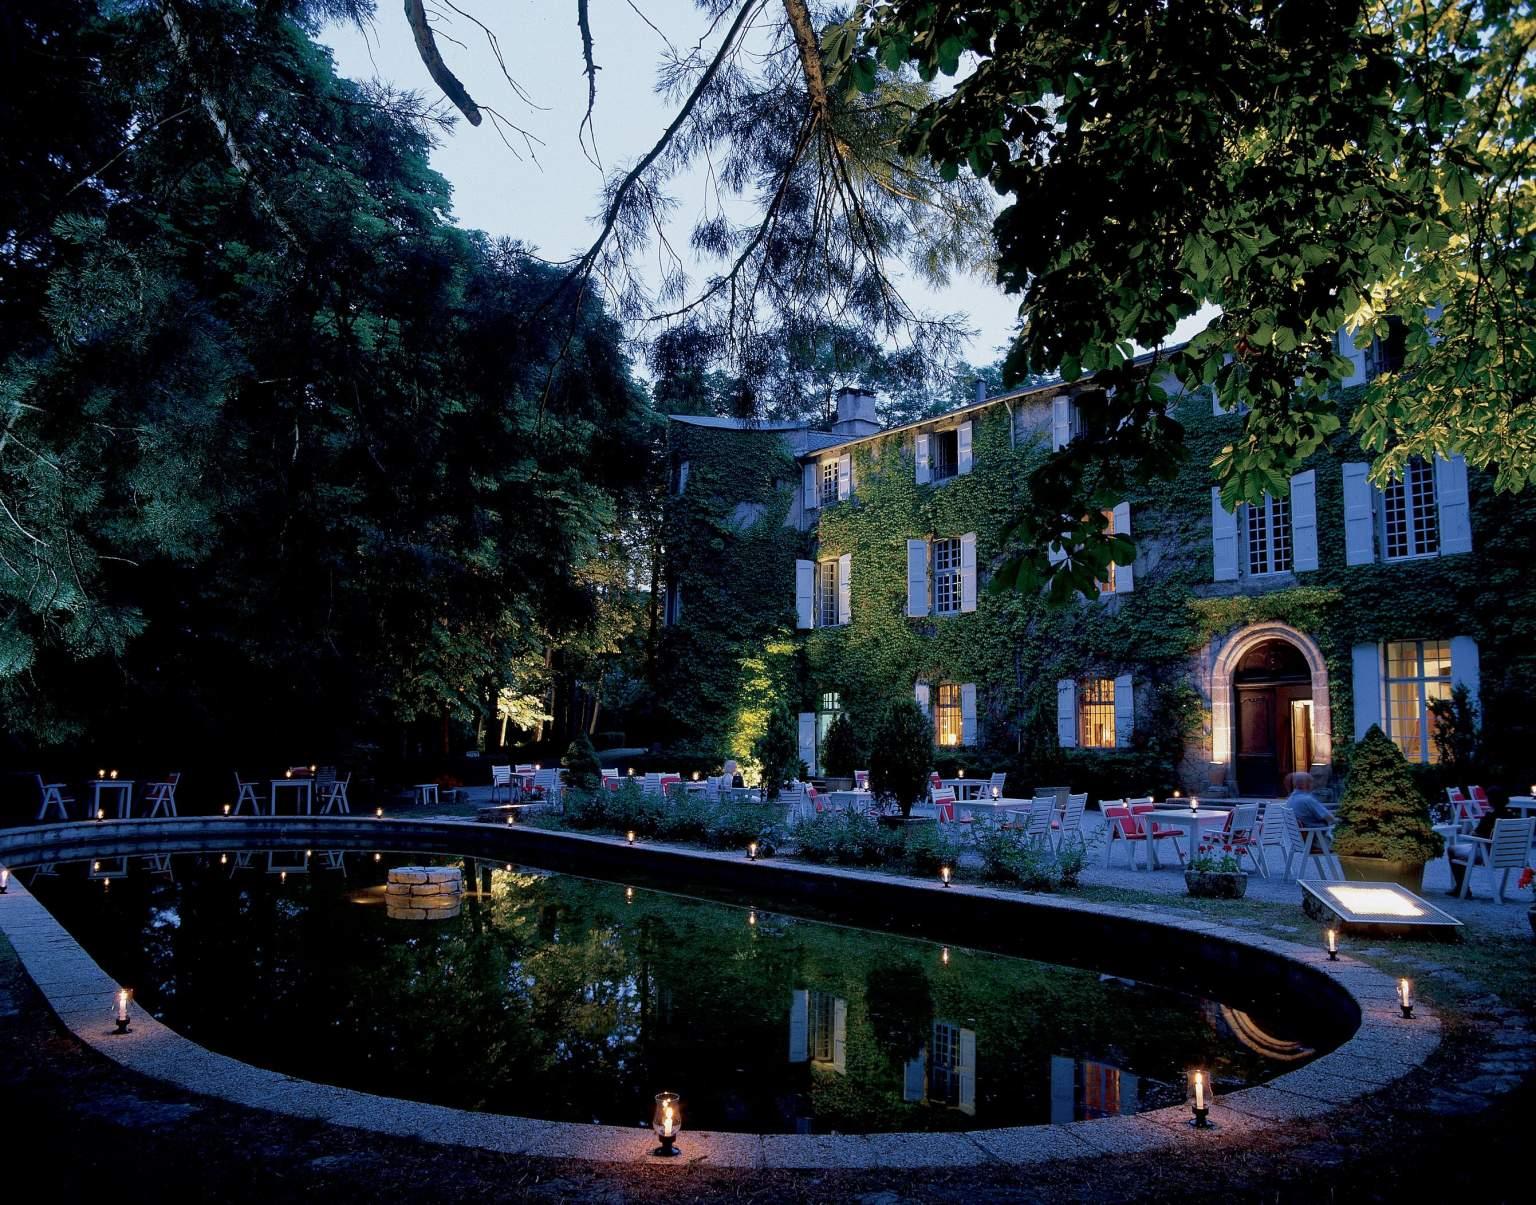 chateau-des-ayres-losere-ocitanie-gorges-du-terrasse-nuit